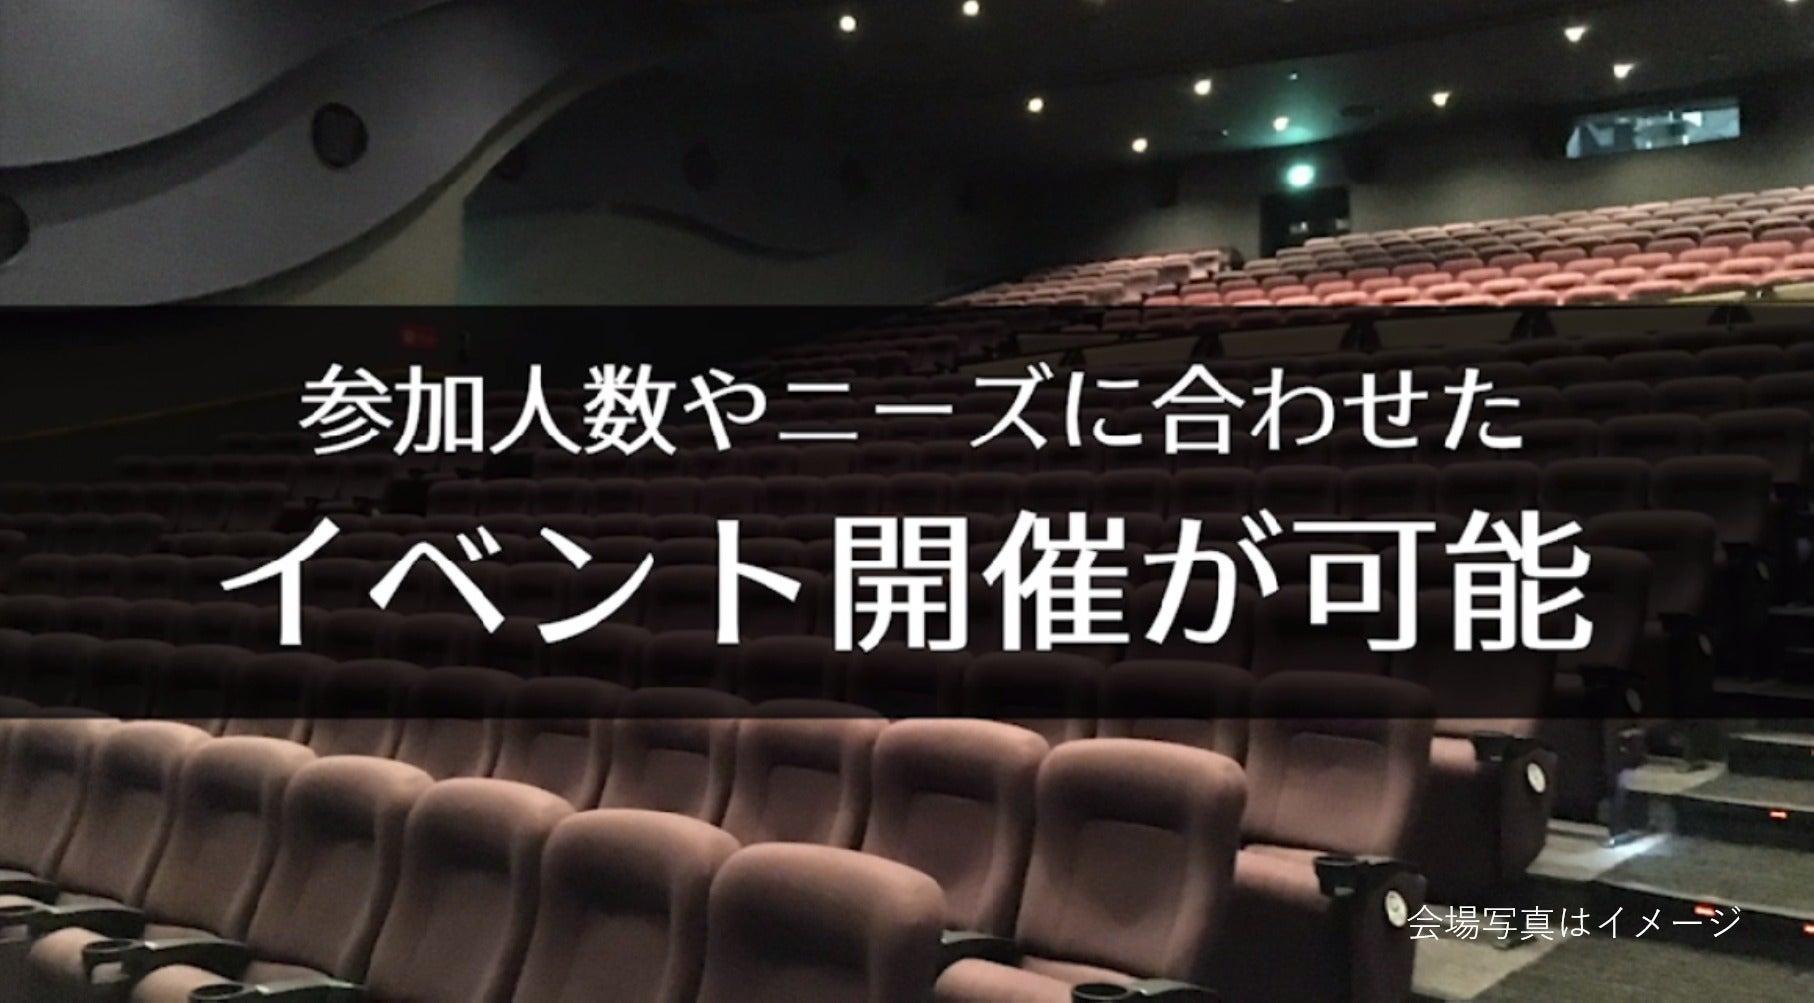 【橿原 322席】映画館で、会社説明会、株主総会、講演会の企画はいかがですか?